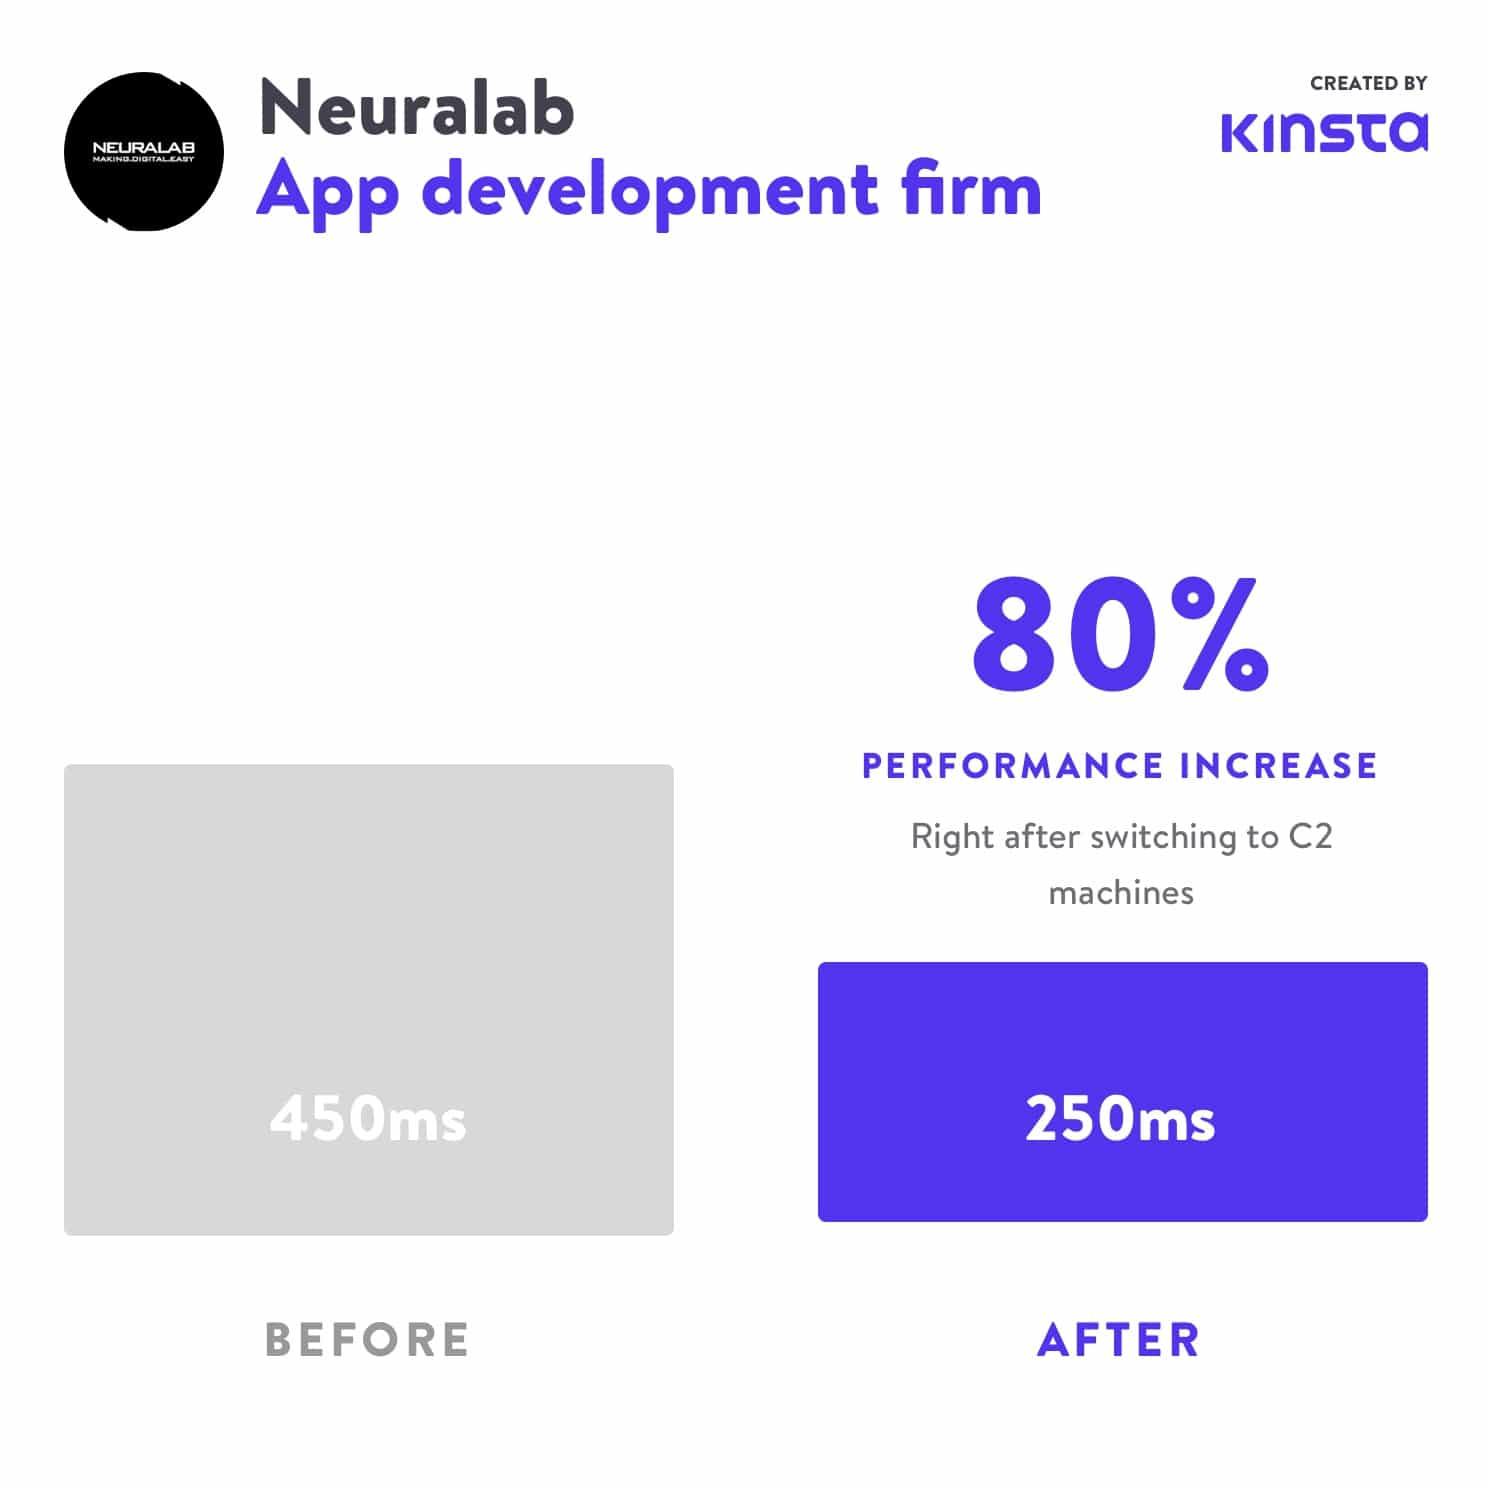 Neuralab såg en 80% prestandaökning efter att ha flyttat till C2.